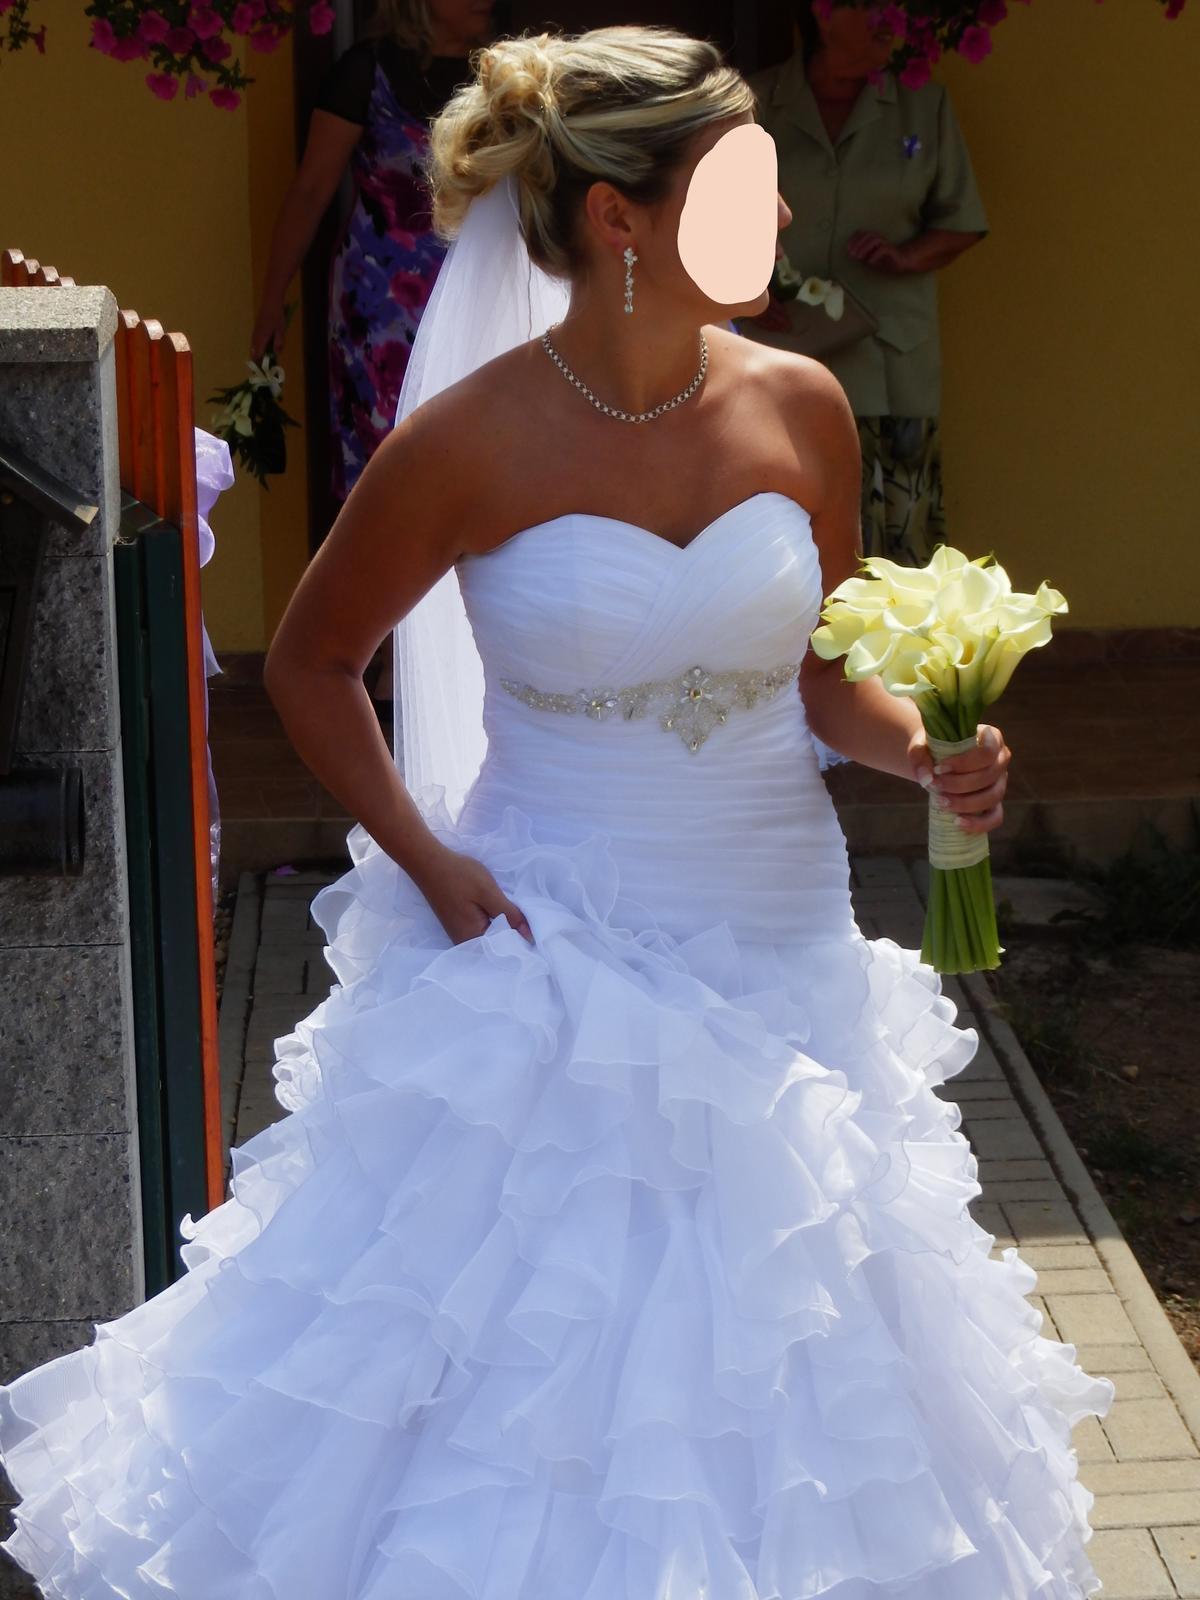 Svatební šaty šité na míru 36 - 38 - Obrázek č. 1